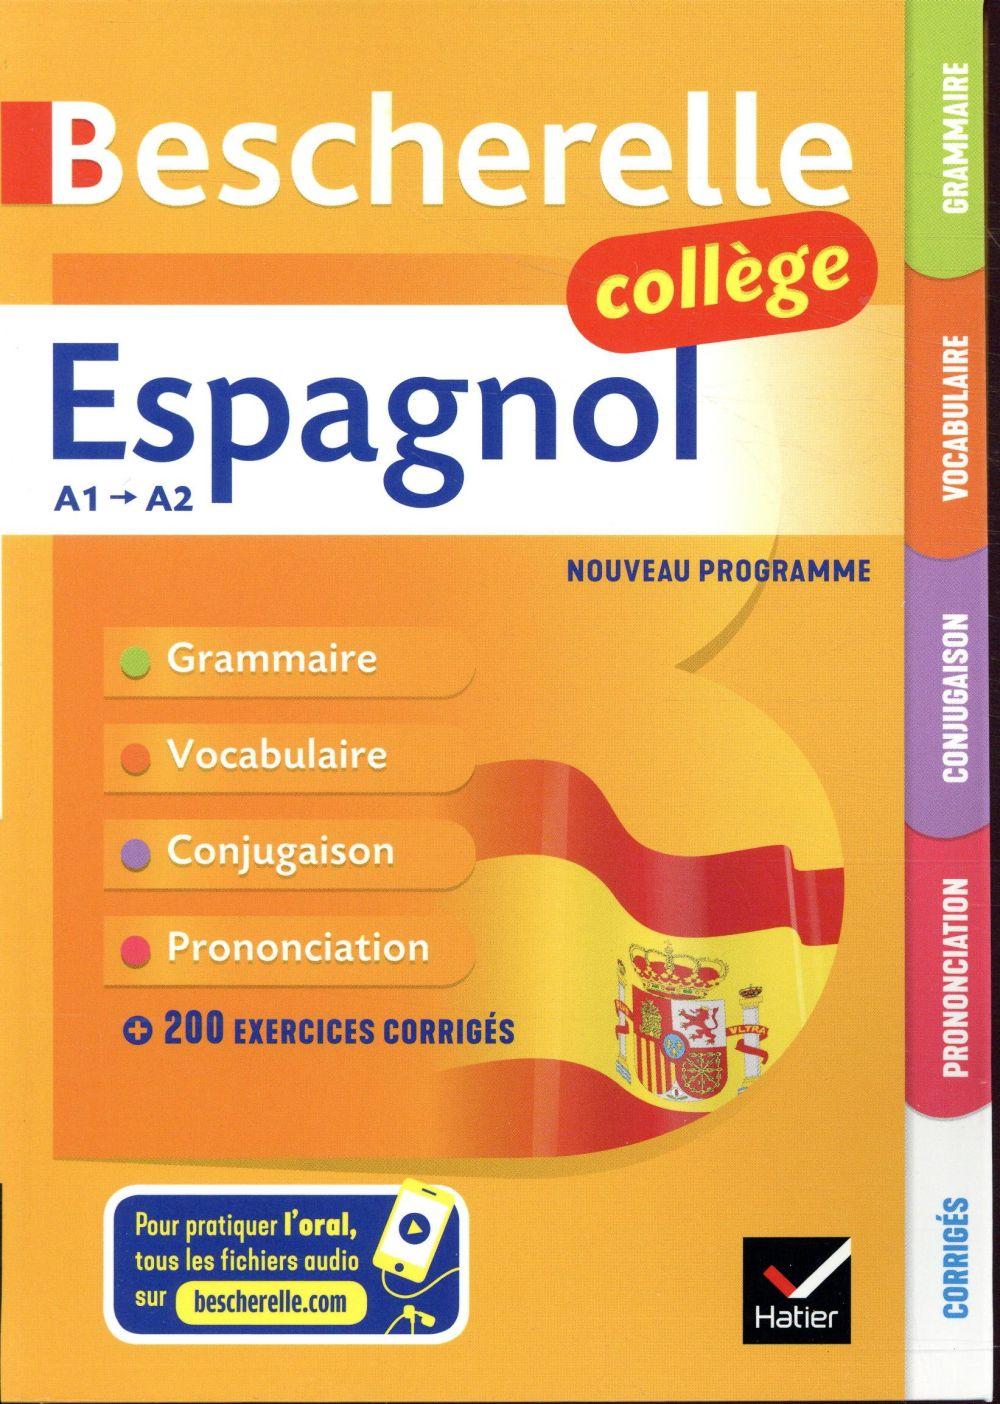 BESCHERELLE ESPAGNOL COLLEGE - GRAMMAIRE, CONJUGAISON, VOCABULAIRE, PRONONCIATION (A1-A2)